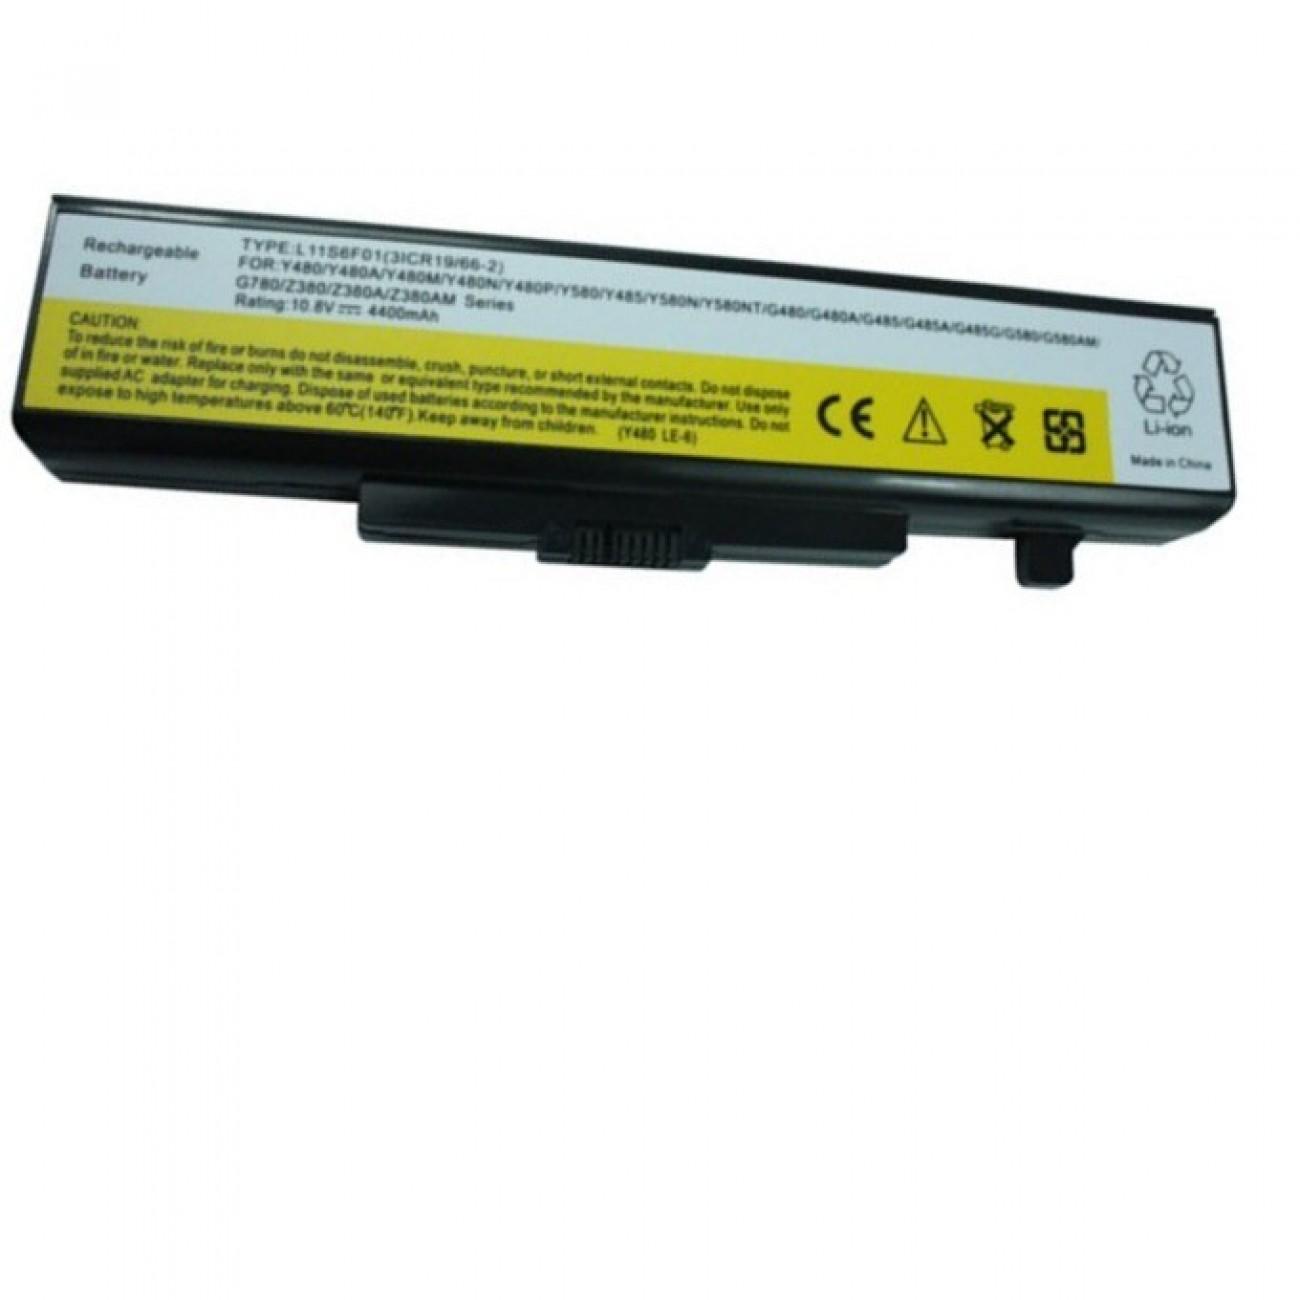 Батерия (заместител) за лаптоп Lenovo IdeaPad V480/Z480/Z580/Y580/G480, 6-cell, 11.1V, 5200mAh в Батерии за Лаптоп - Lenovo   Alleop